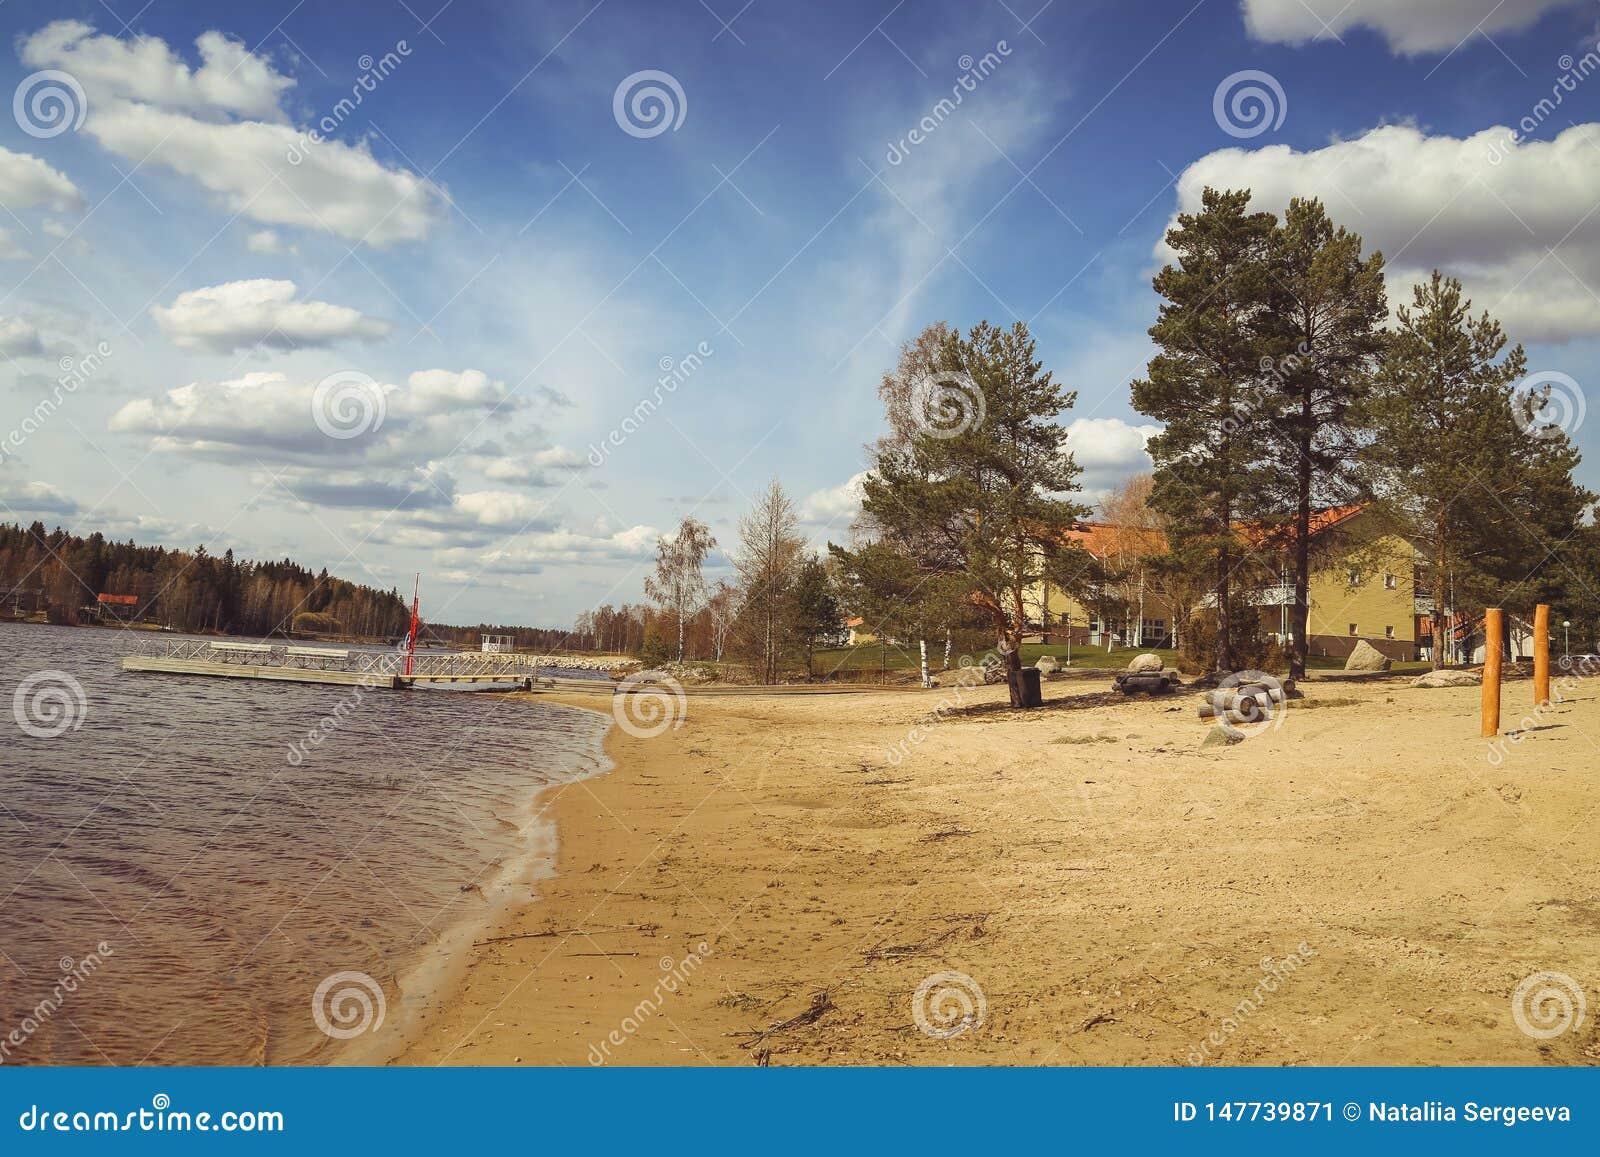 Sch?ne Seeblicke, die H?user, die Birke und Waldfinnische Landschaft Seen und T?ler Sommeransicht von Karelien